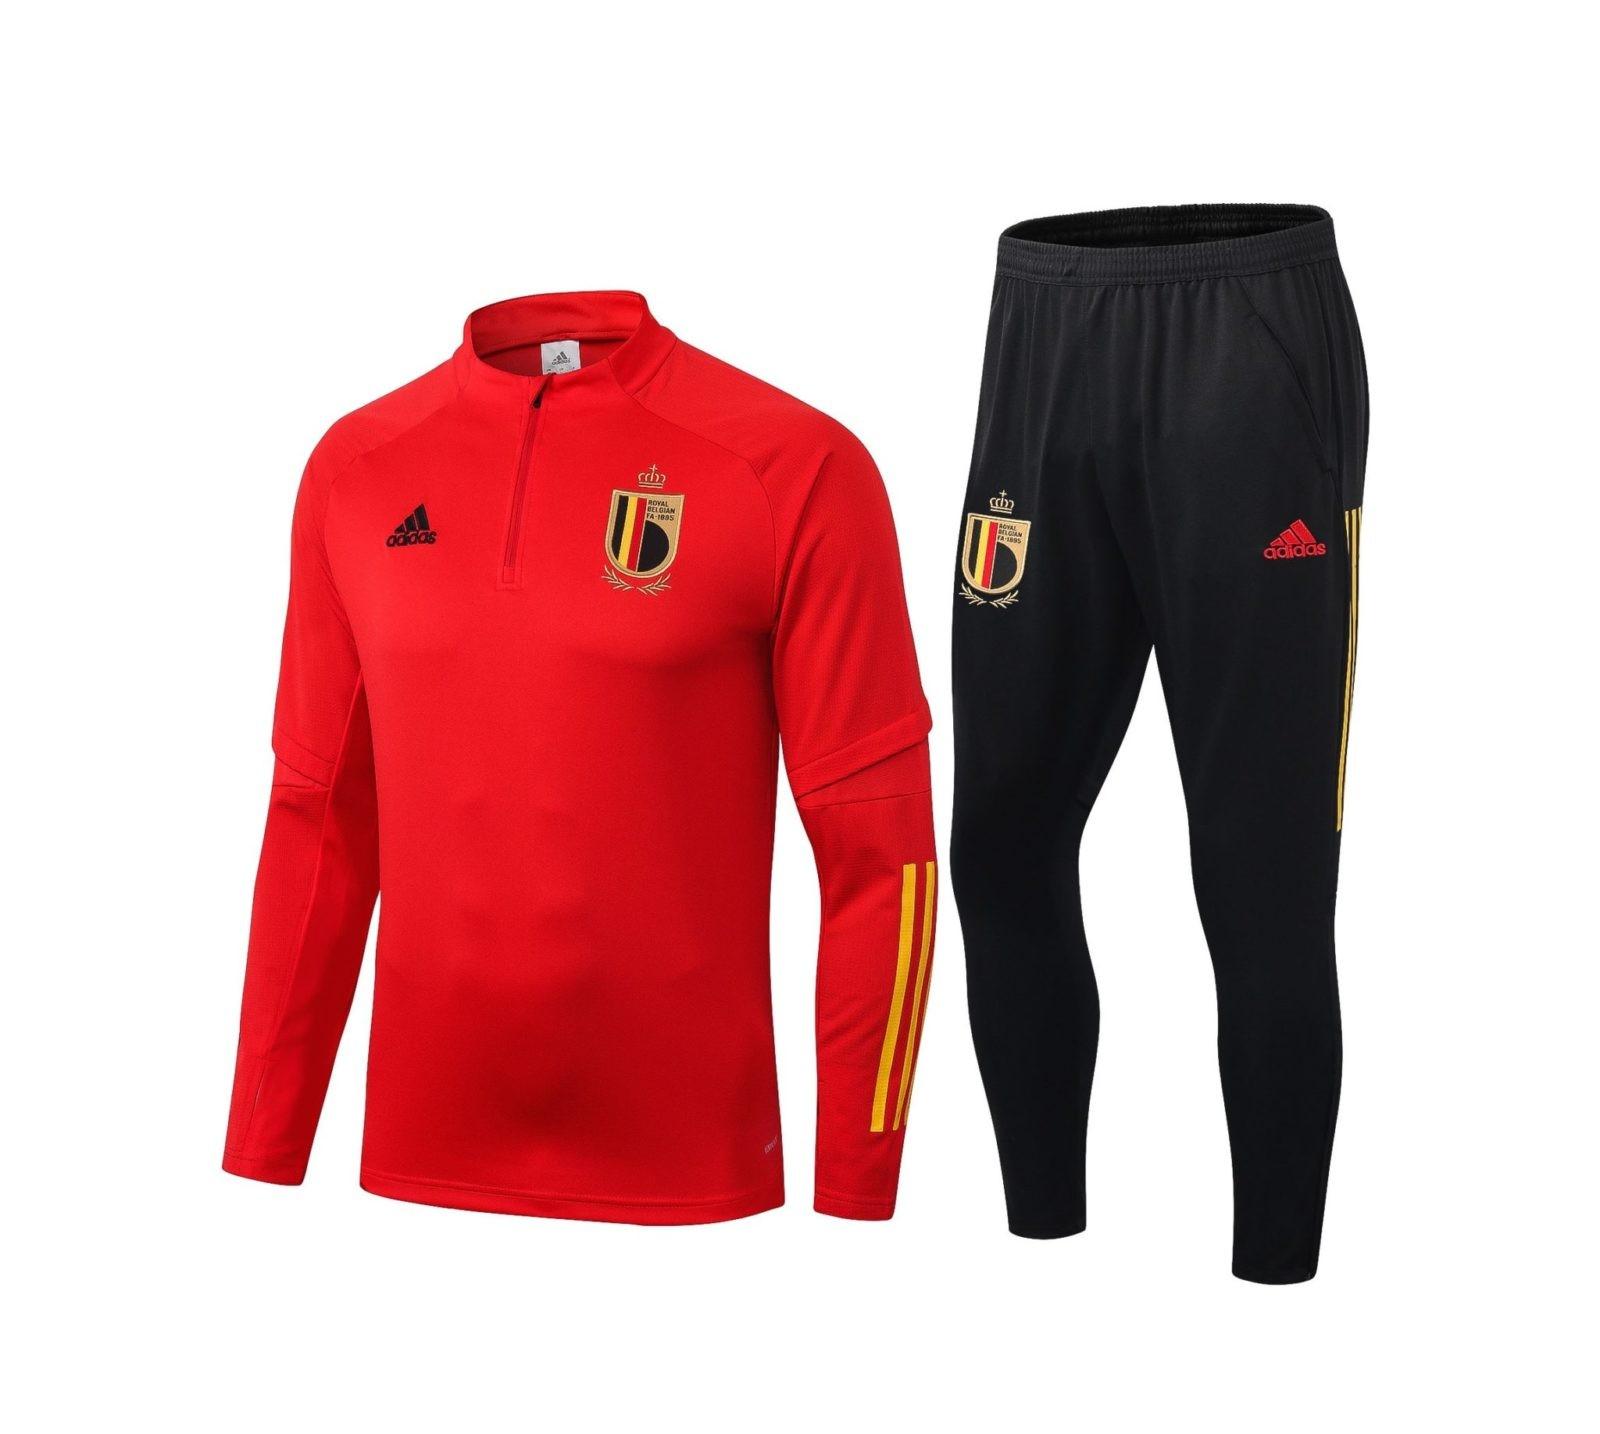 Спортивный костюм сборной Бельгии 2020 арт.23001